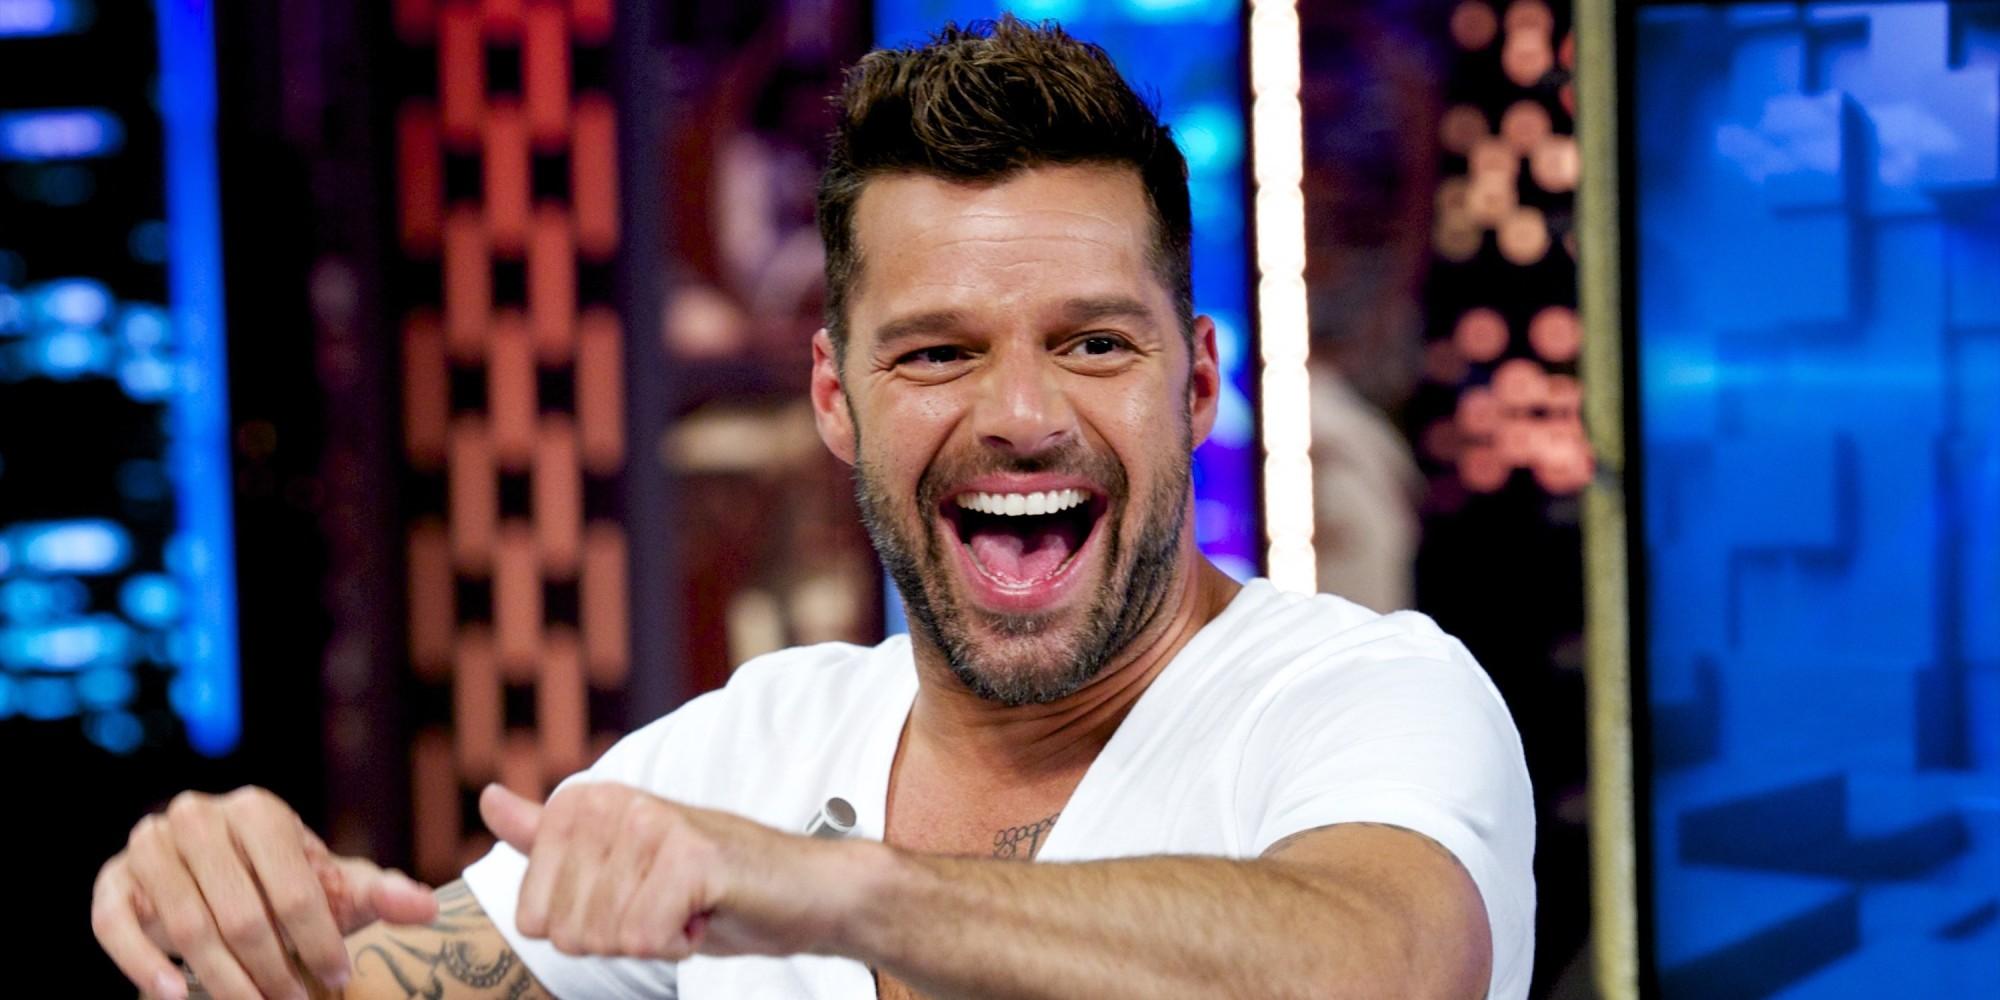 Ricky Martin (Photo by Juan Naharro Gimenez/WireImage)